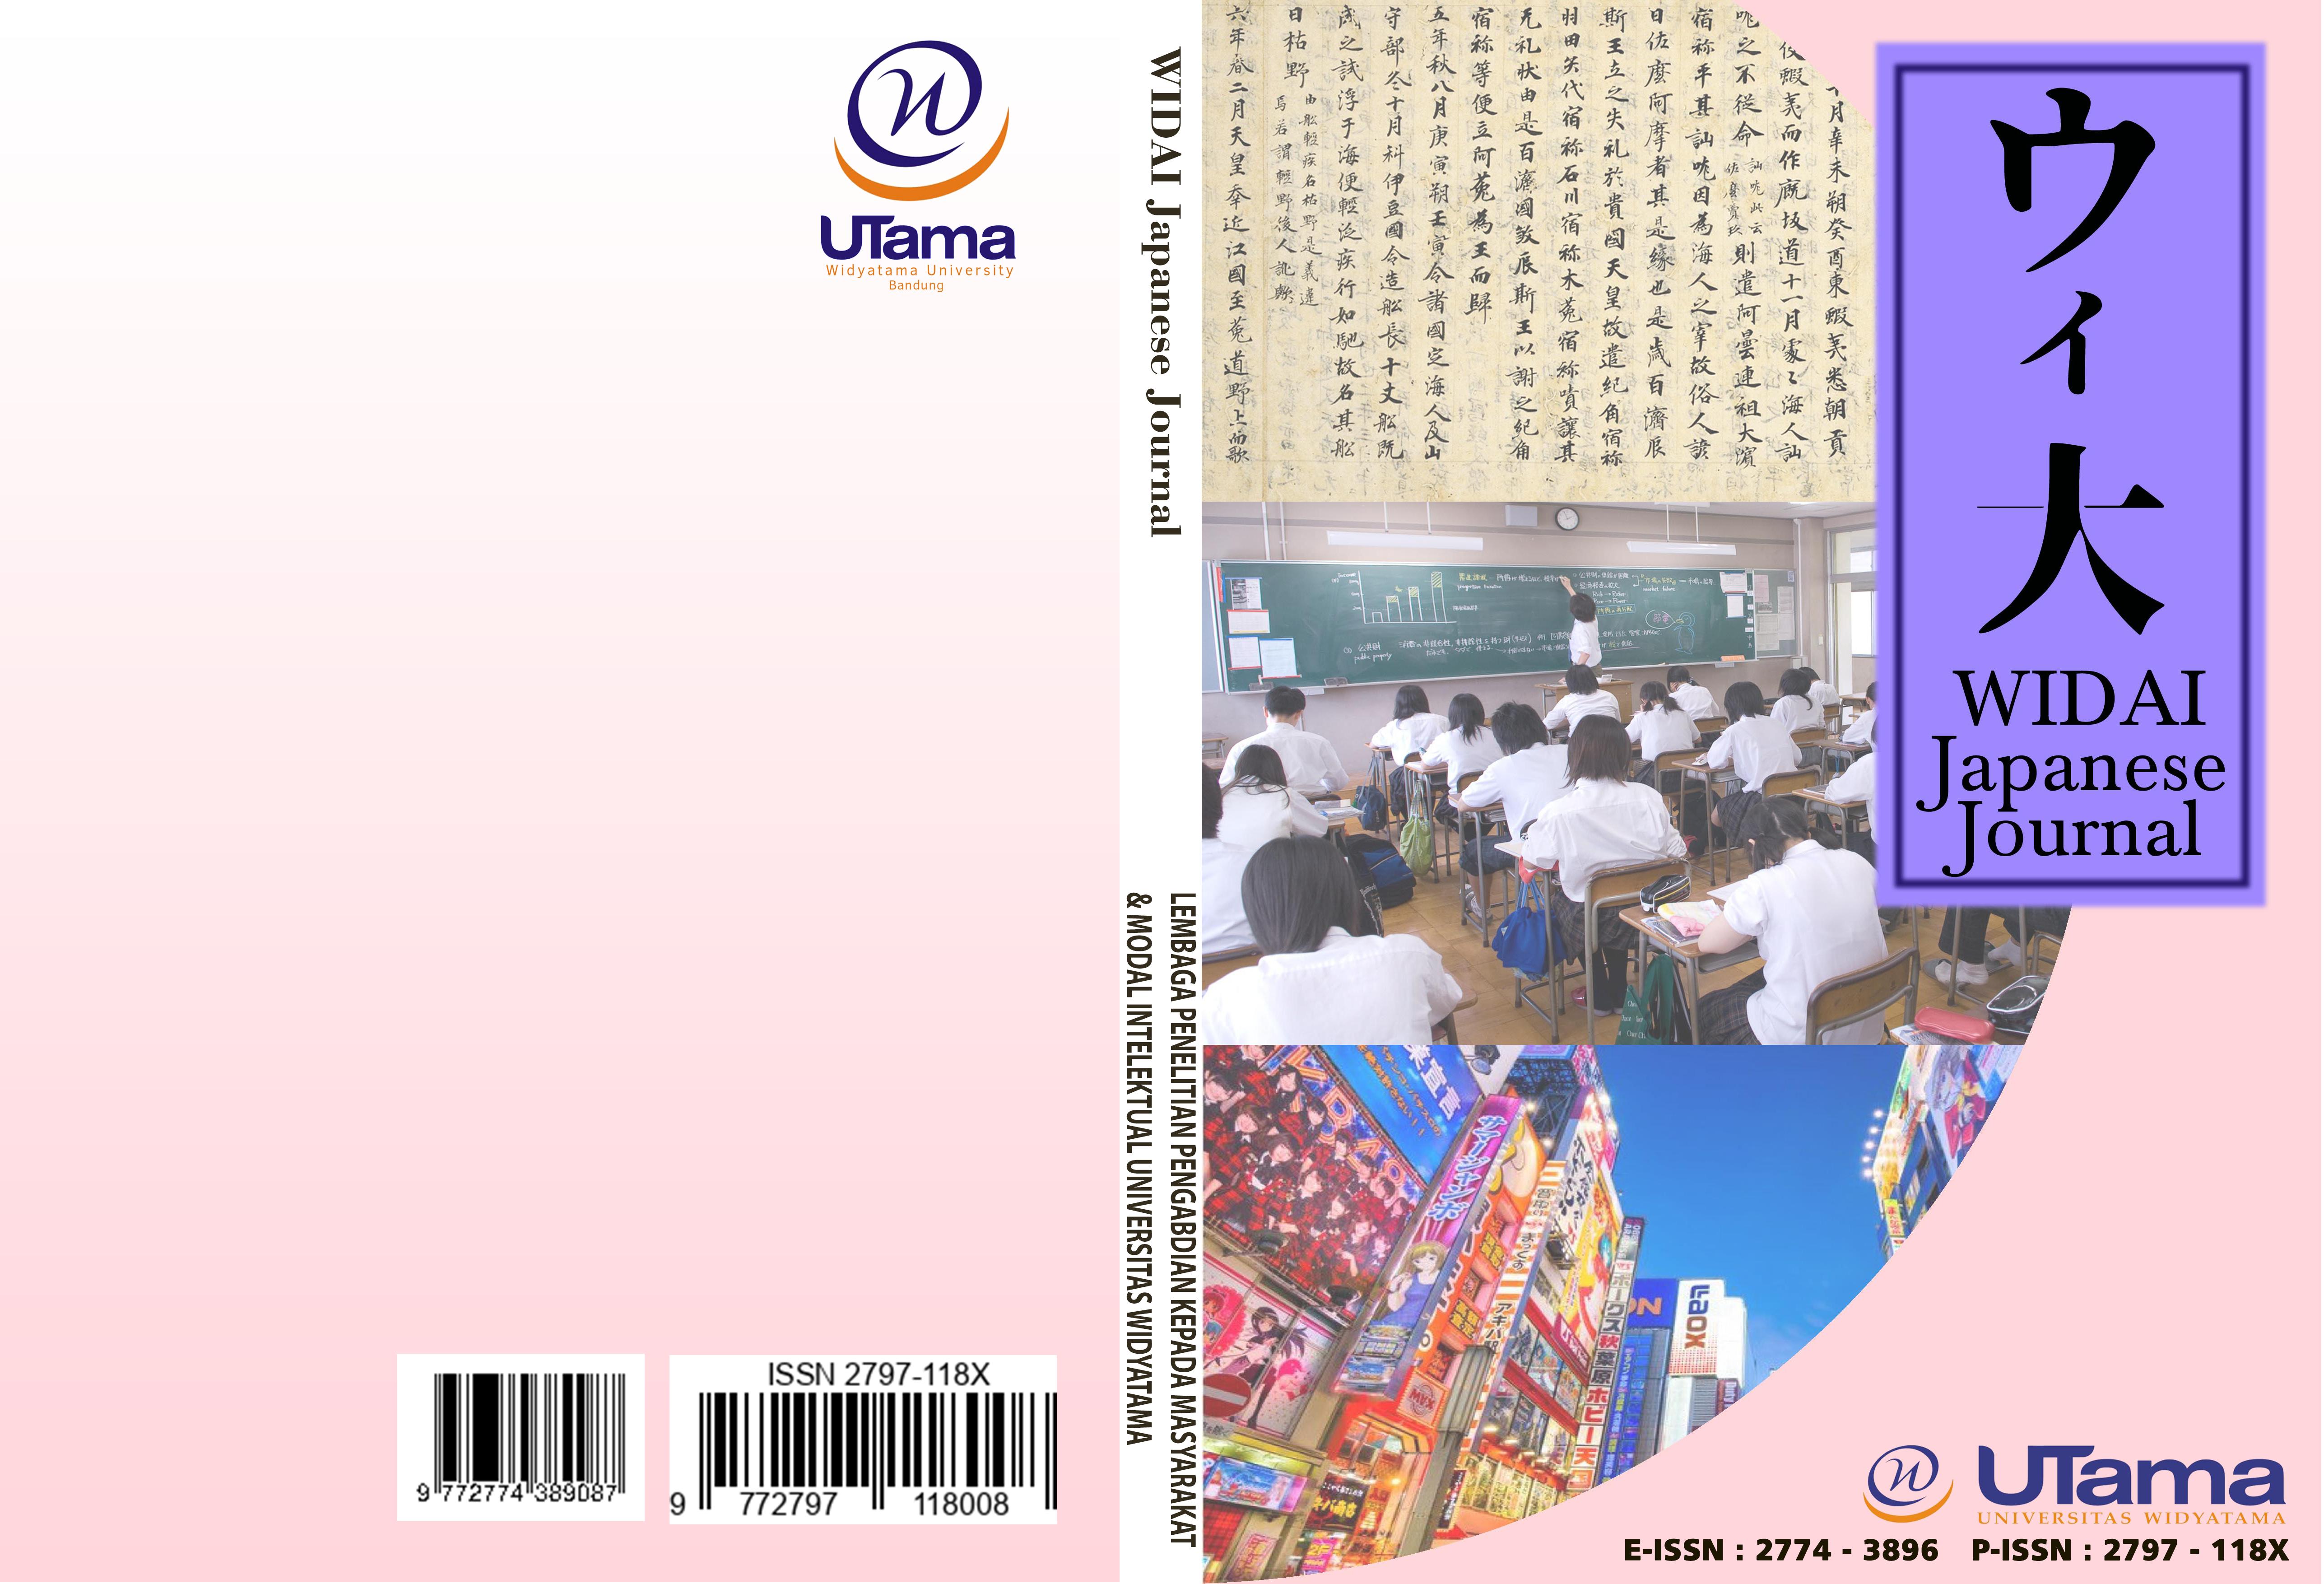 PUBLISHED: 2021-08-7